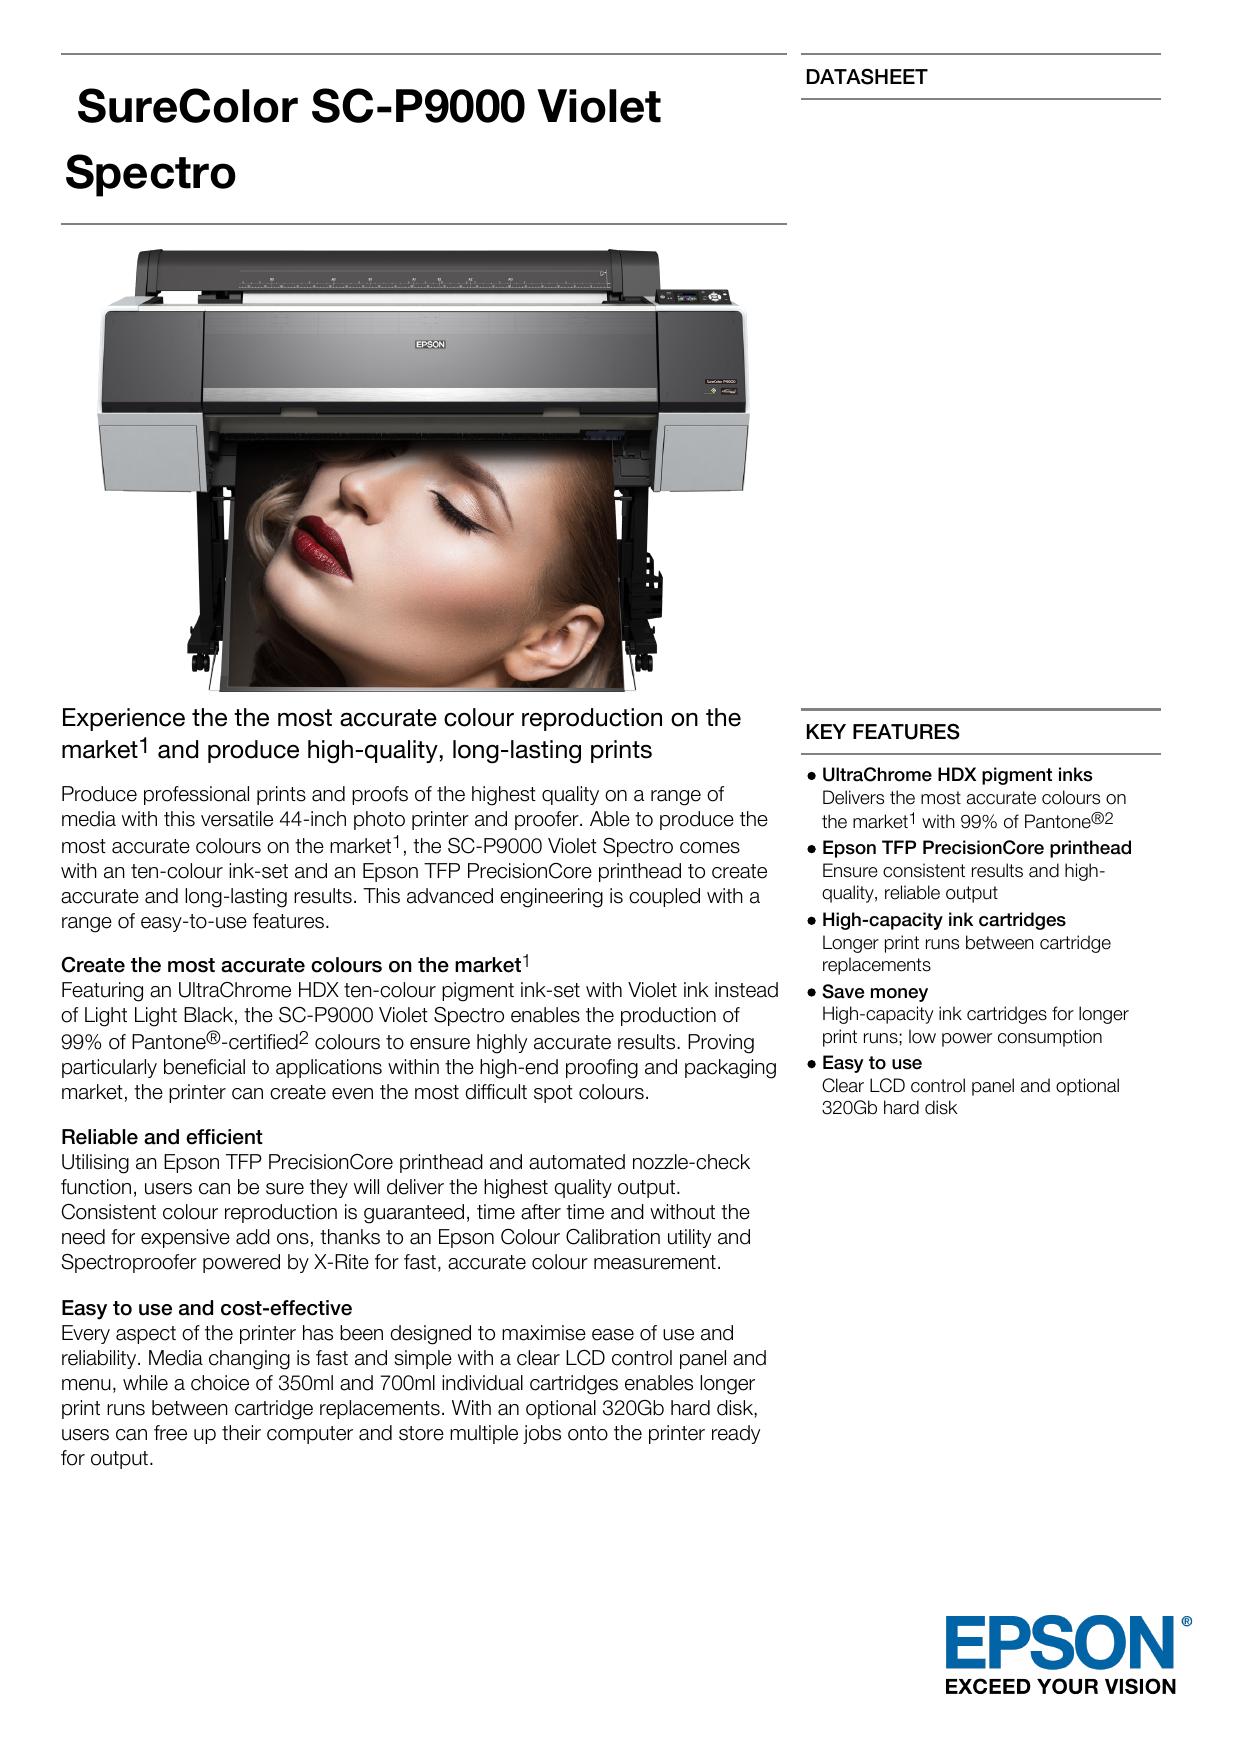 SureColor SC-P9000 Violet Spectro | manualzz com